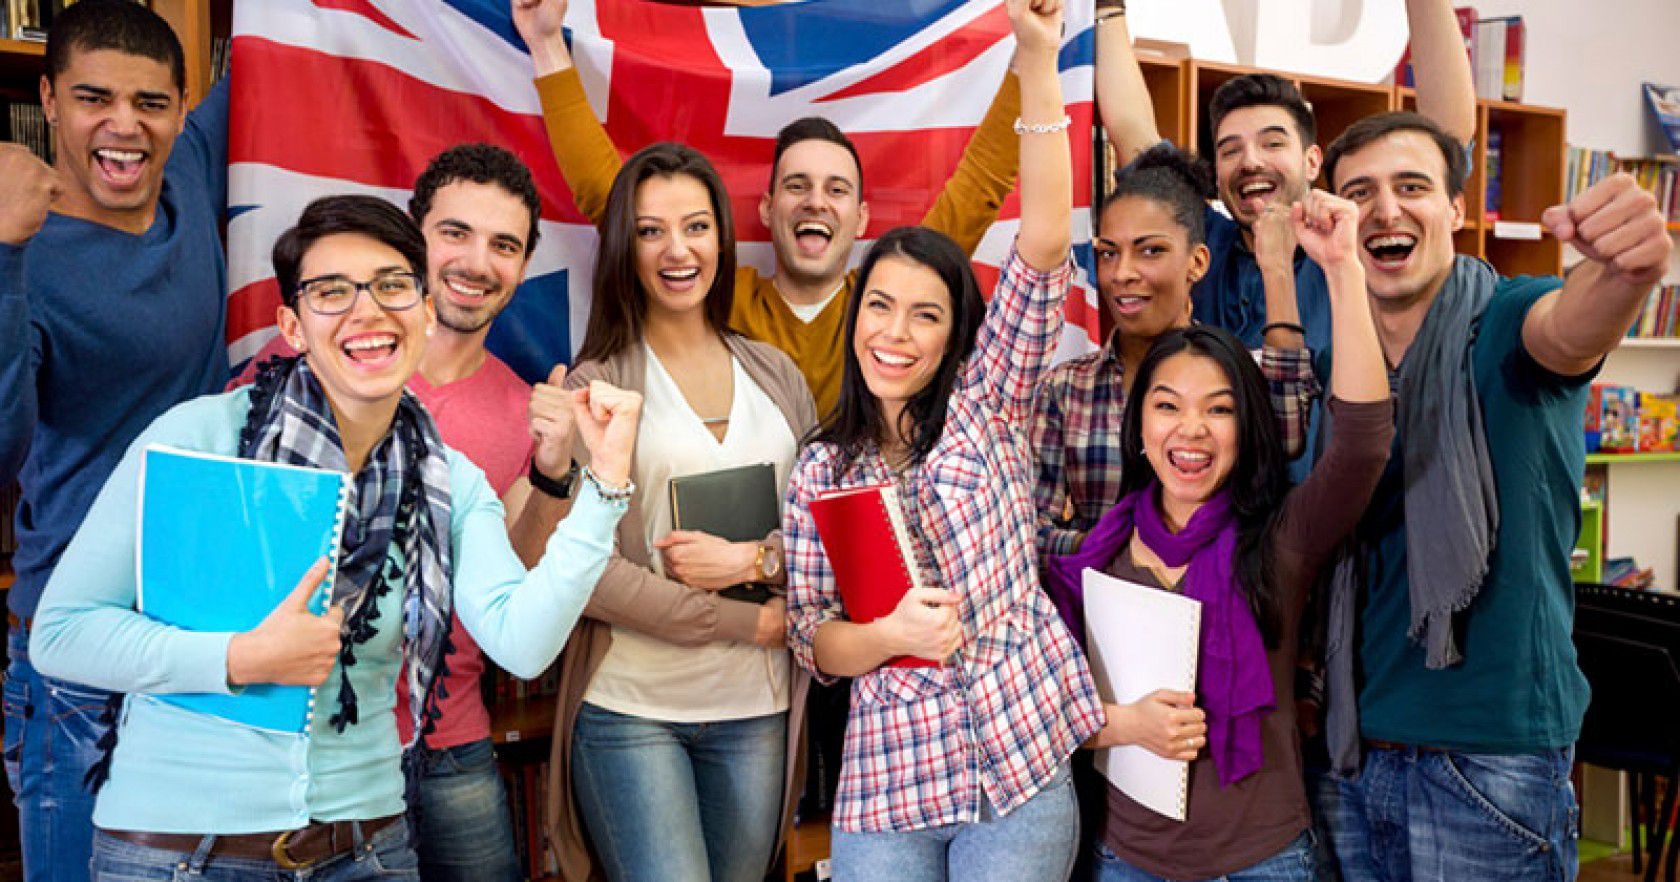 İngiltere Lise Eğitim Programları Hakkında Eğitimci Görüşleri Nelerdir?